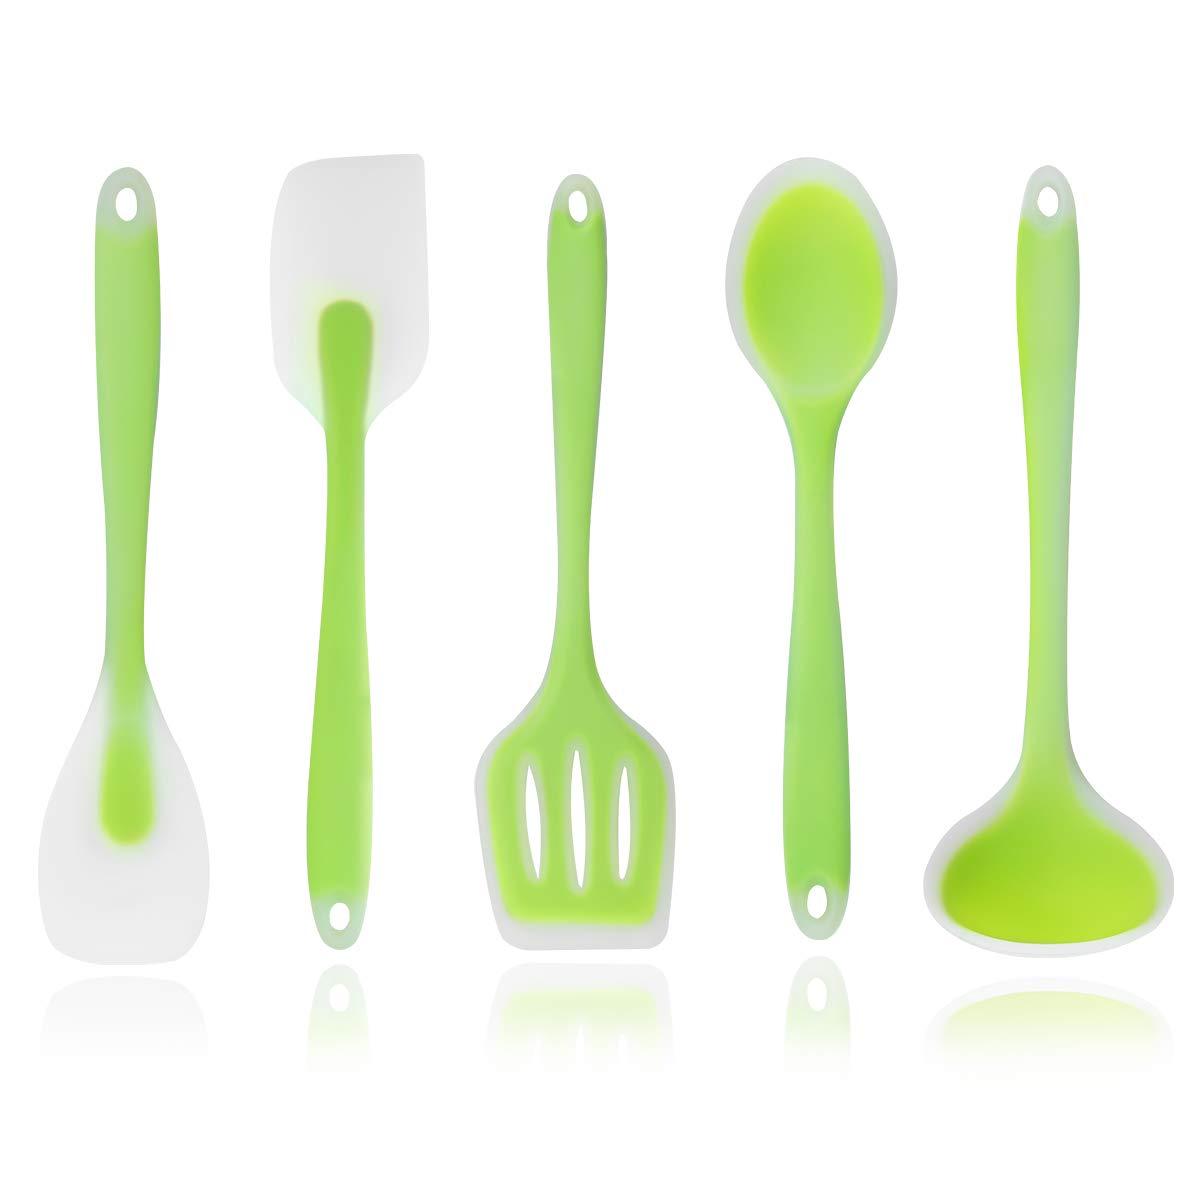 Zubita Juego de Utensilios de Cocina, 5 Utensilios de Cocina de Silicona product image